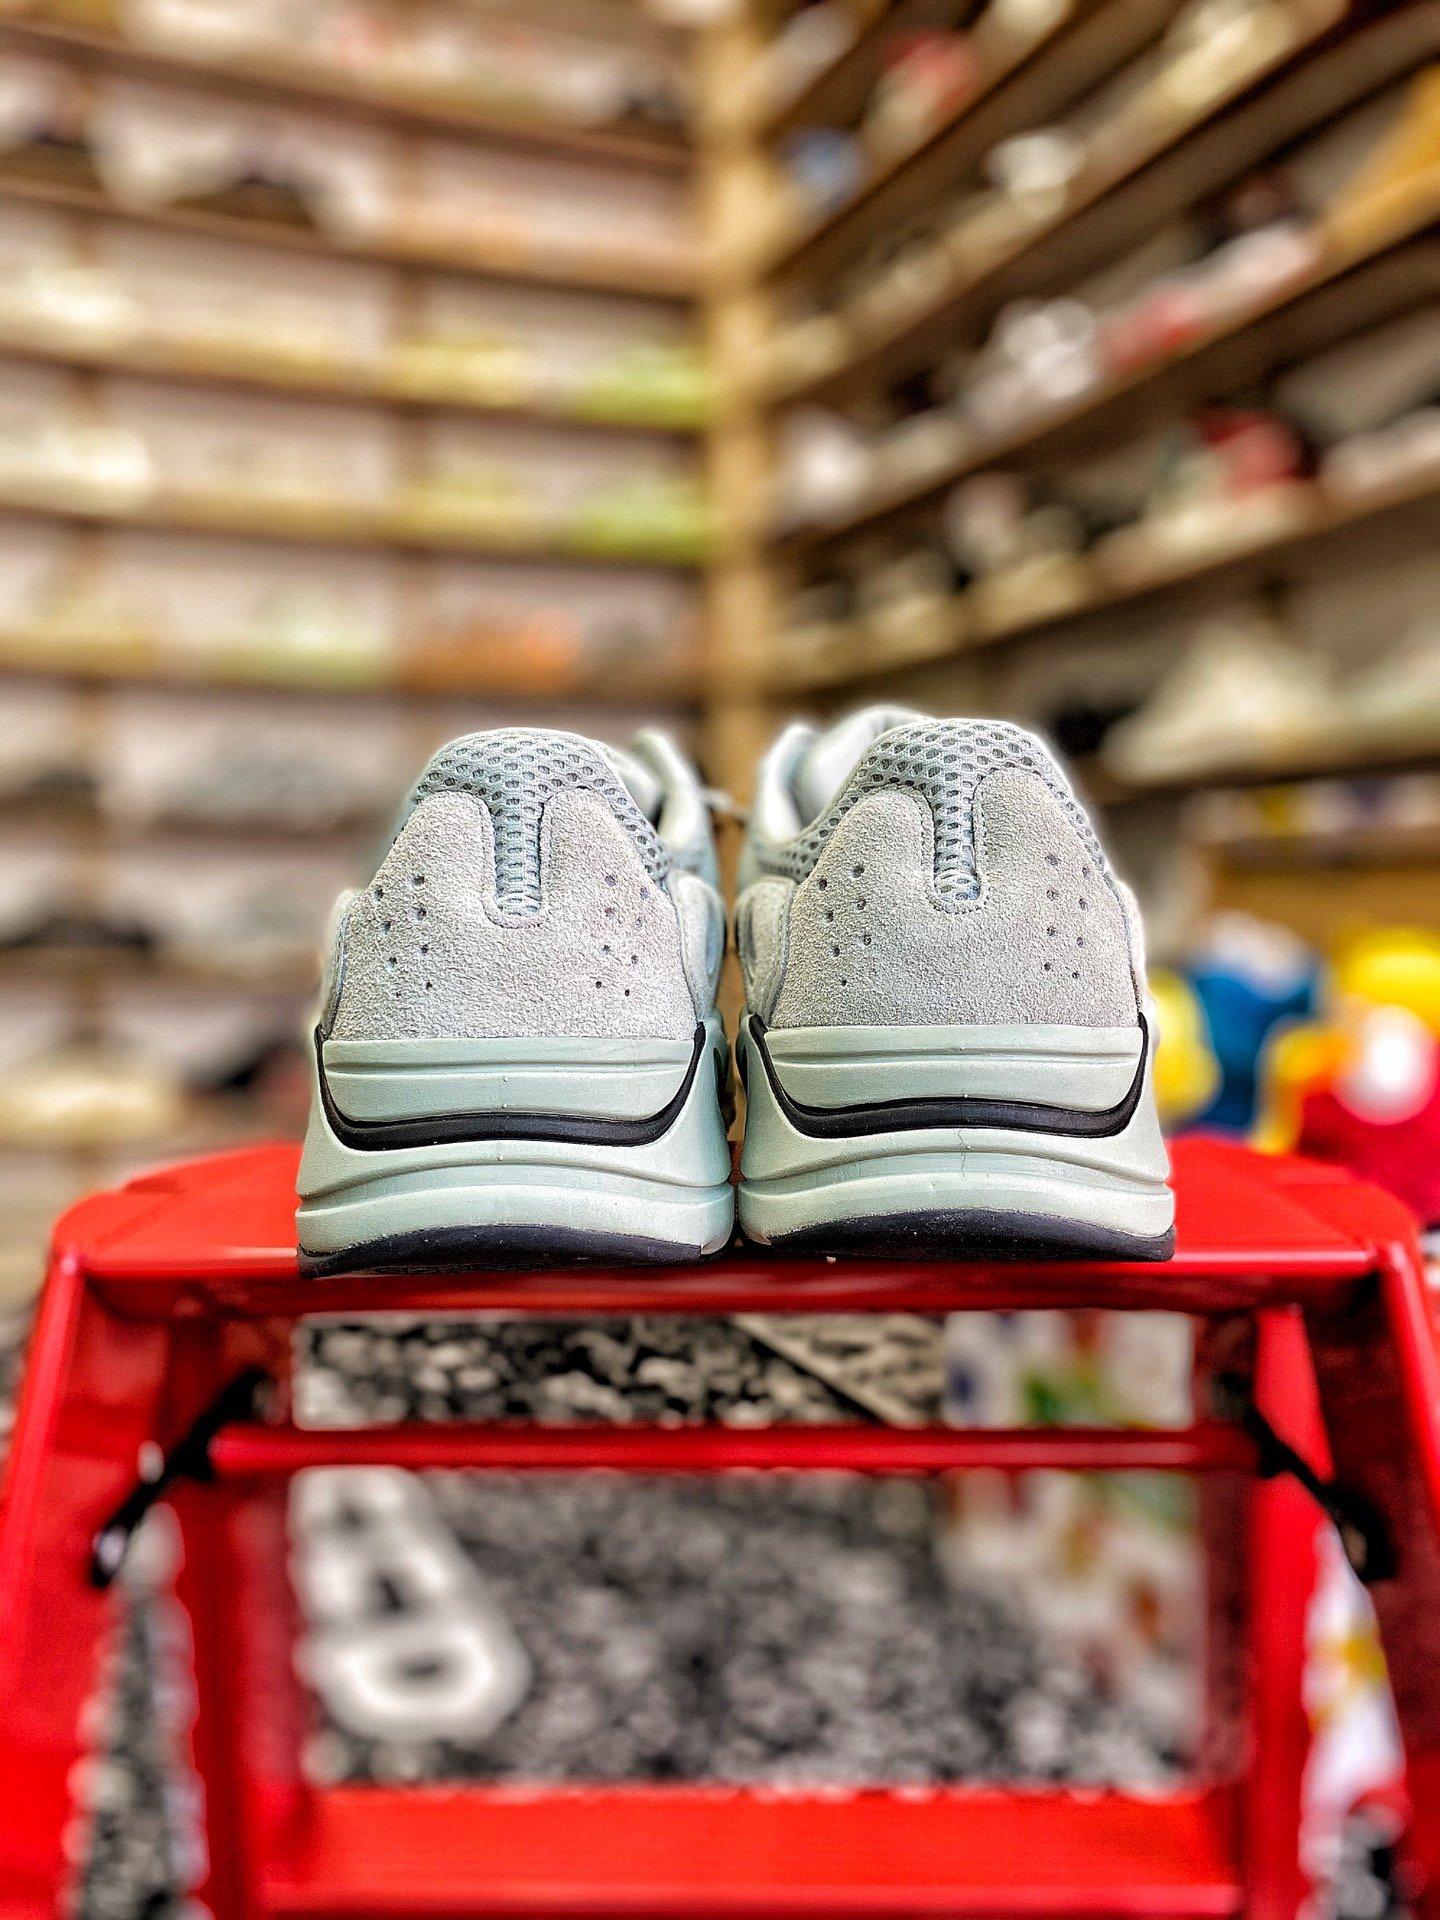 莆田鞋拿货渠道的方式有哪些? - 莆田鞋拿货渠道,莆田鞋高端货源,莆田鞋,哇牛国际